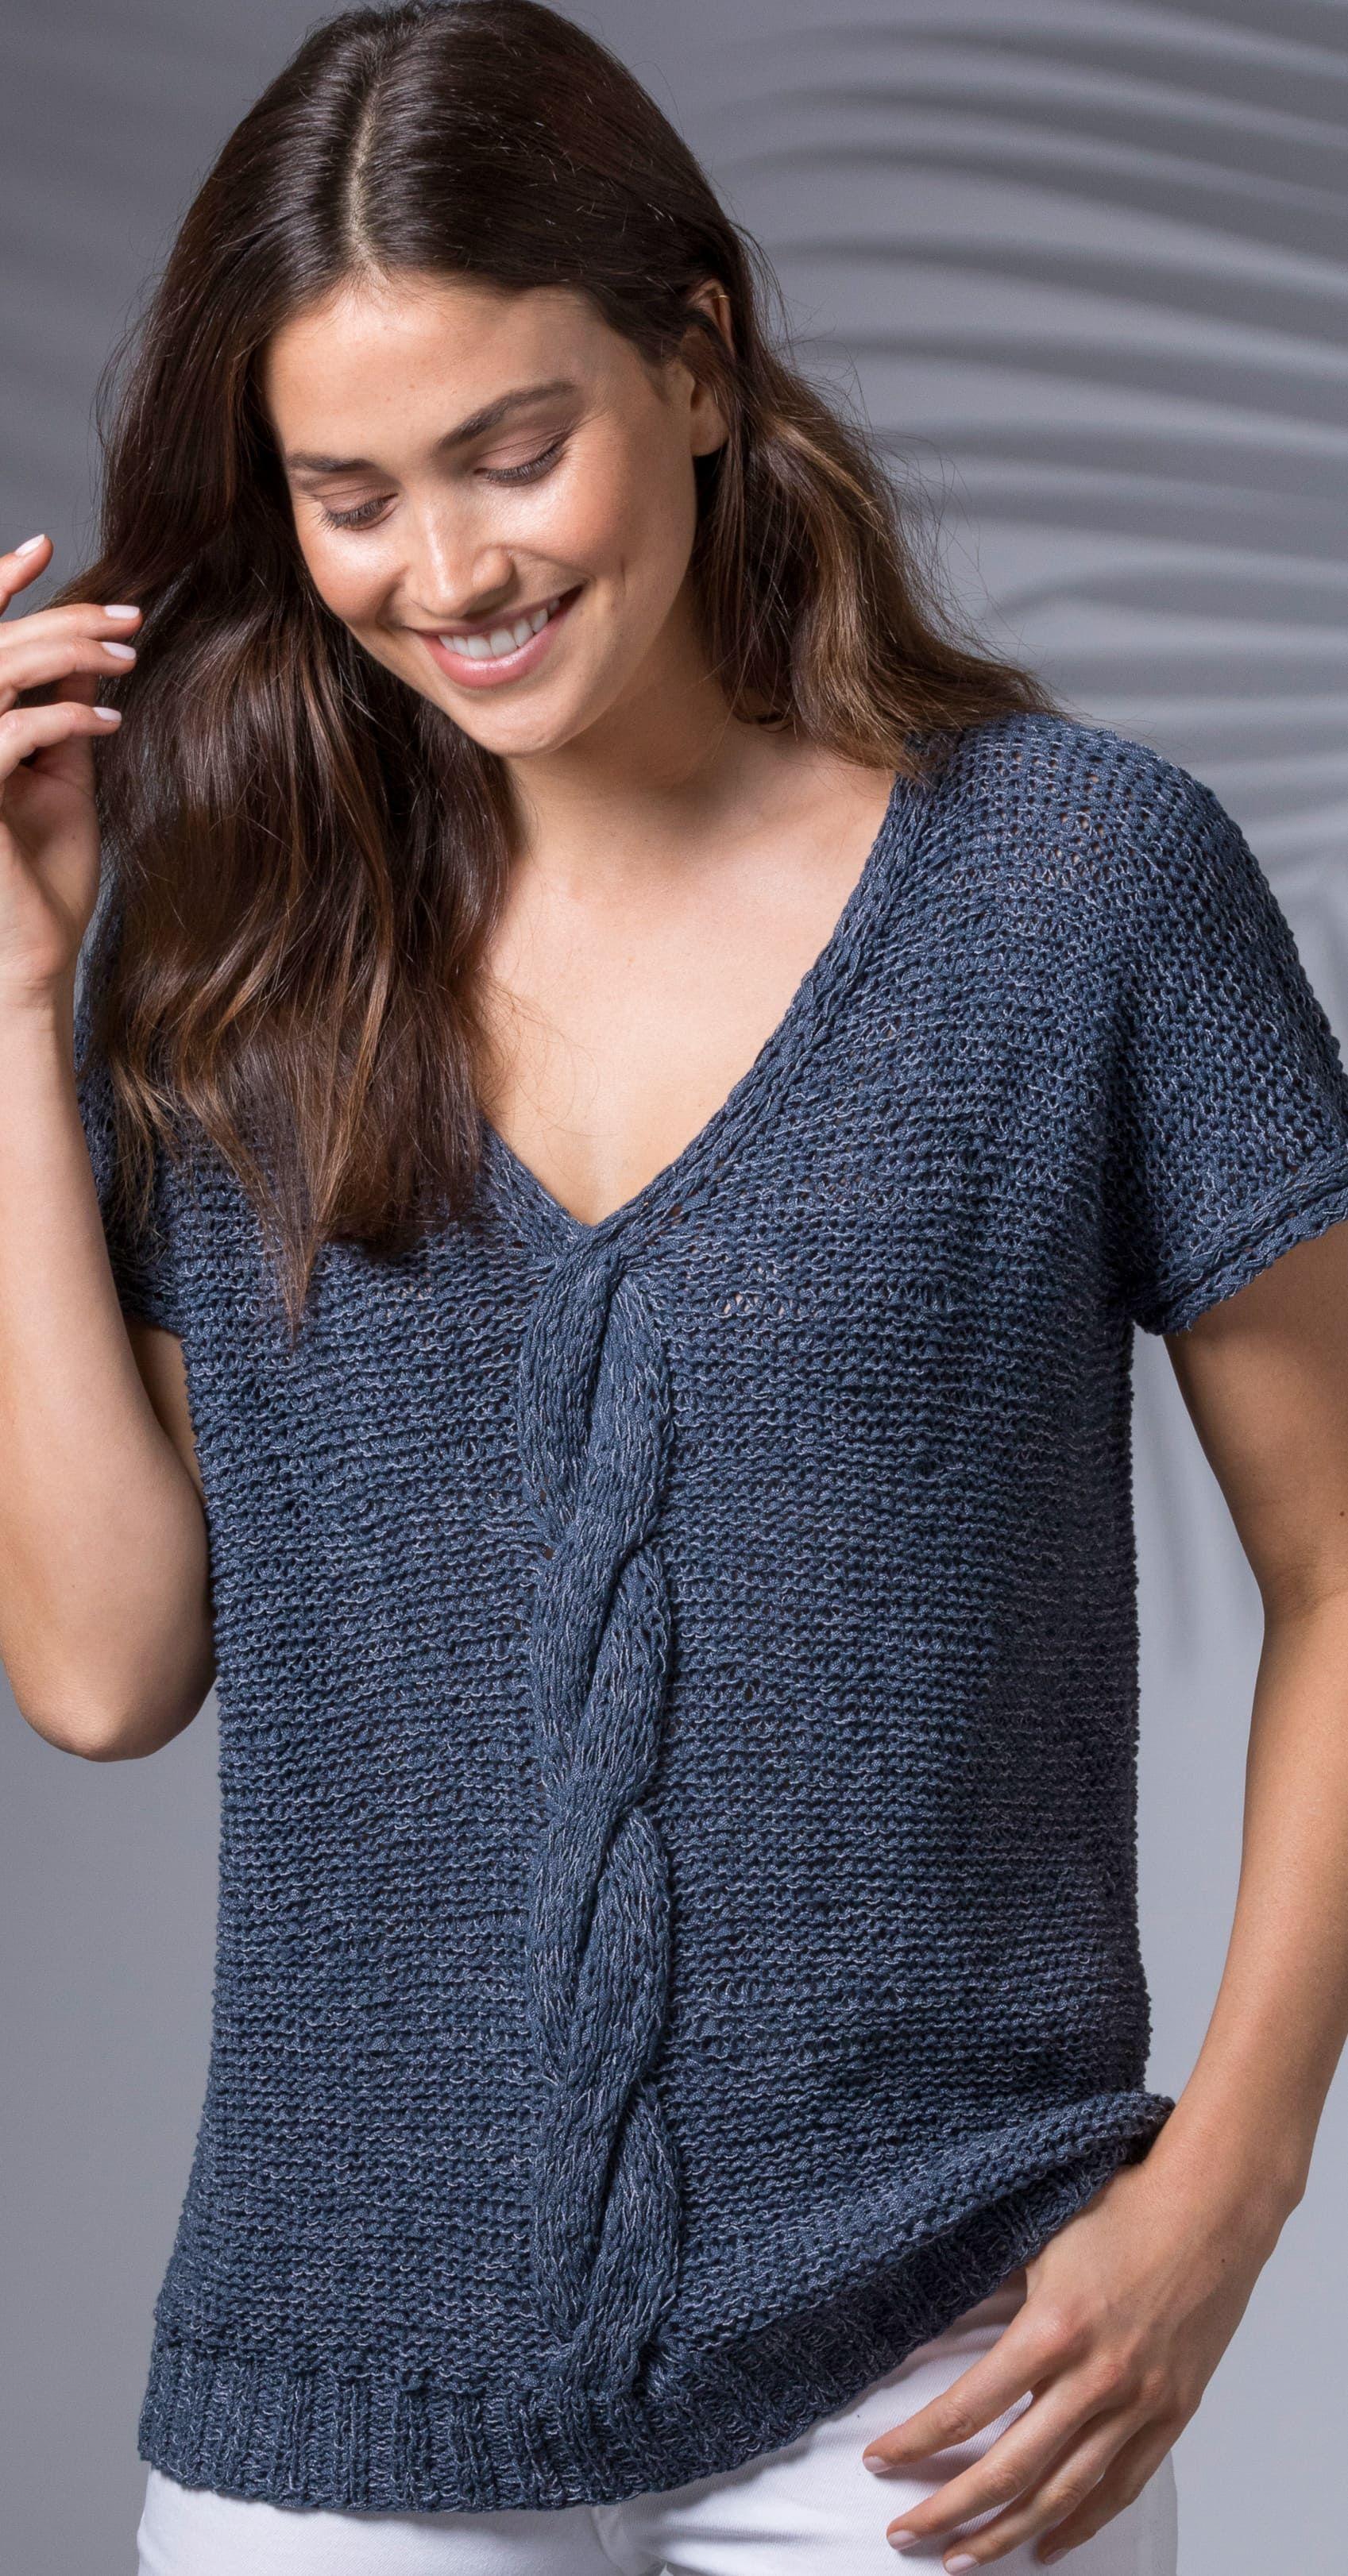 51+ La moda de este año y las más bellas blusas de Ganchillo – Page 28 of 52